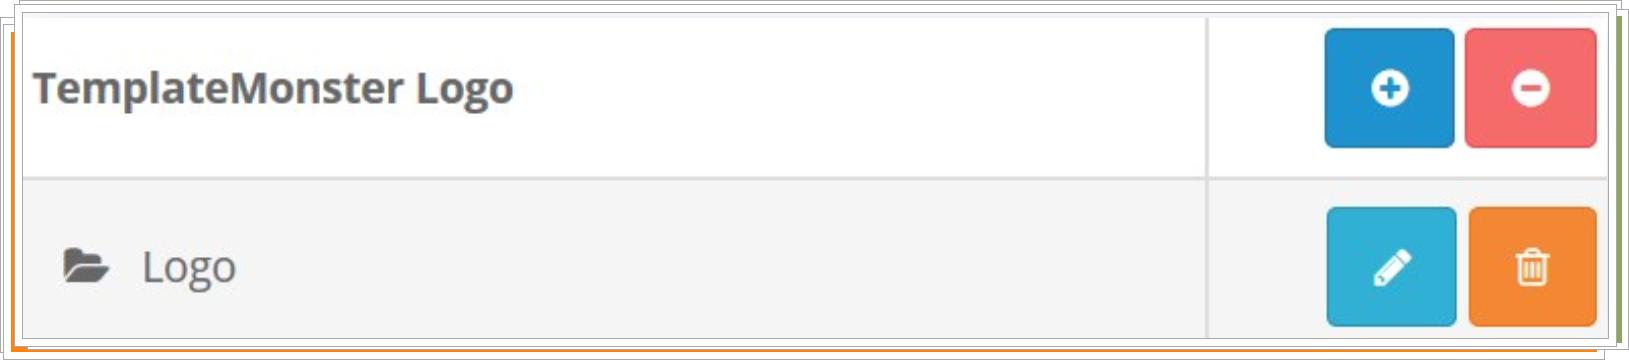 Encuentra el módulo de Logo-Pulse un botón de edición para configurar el módulo